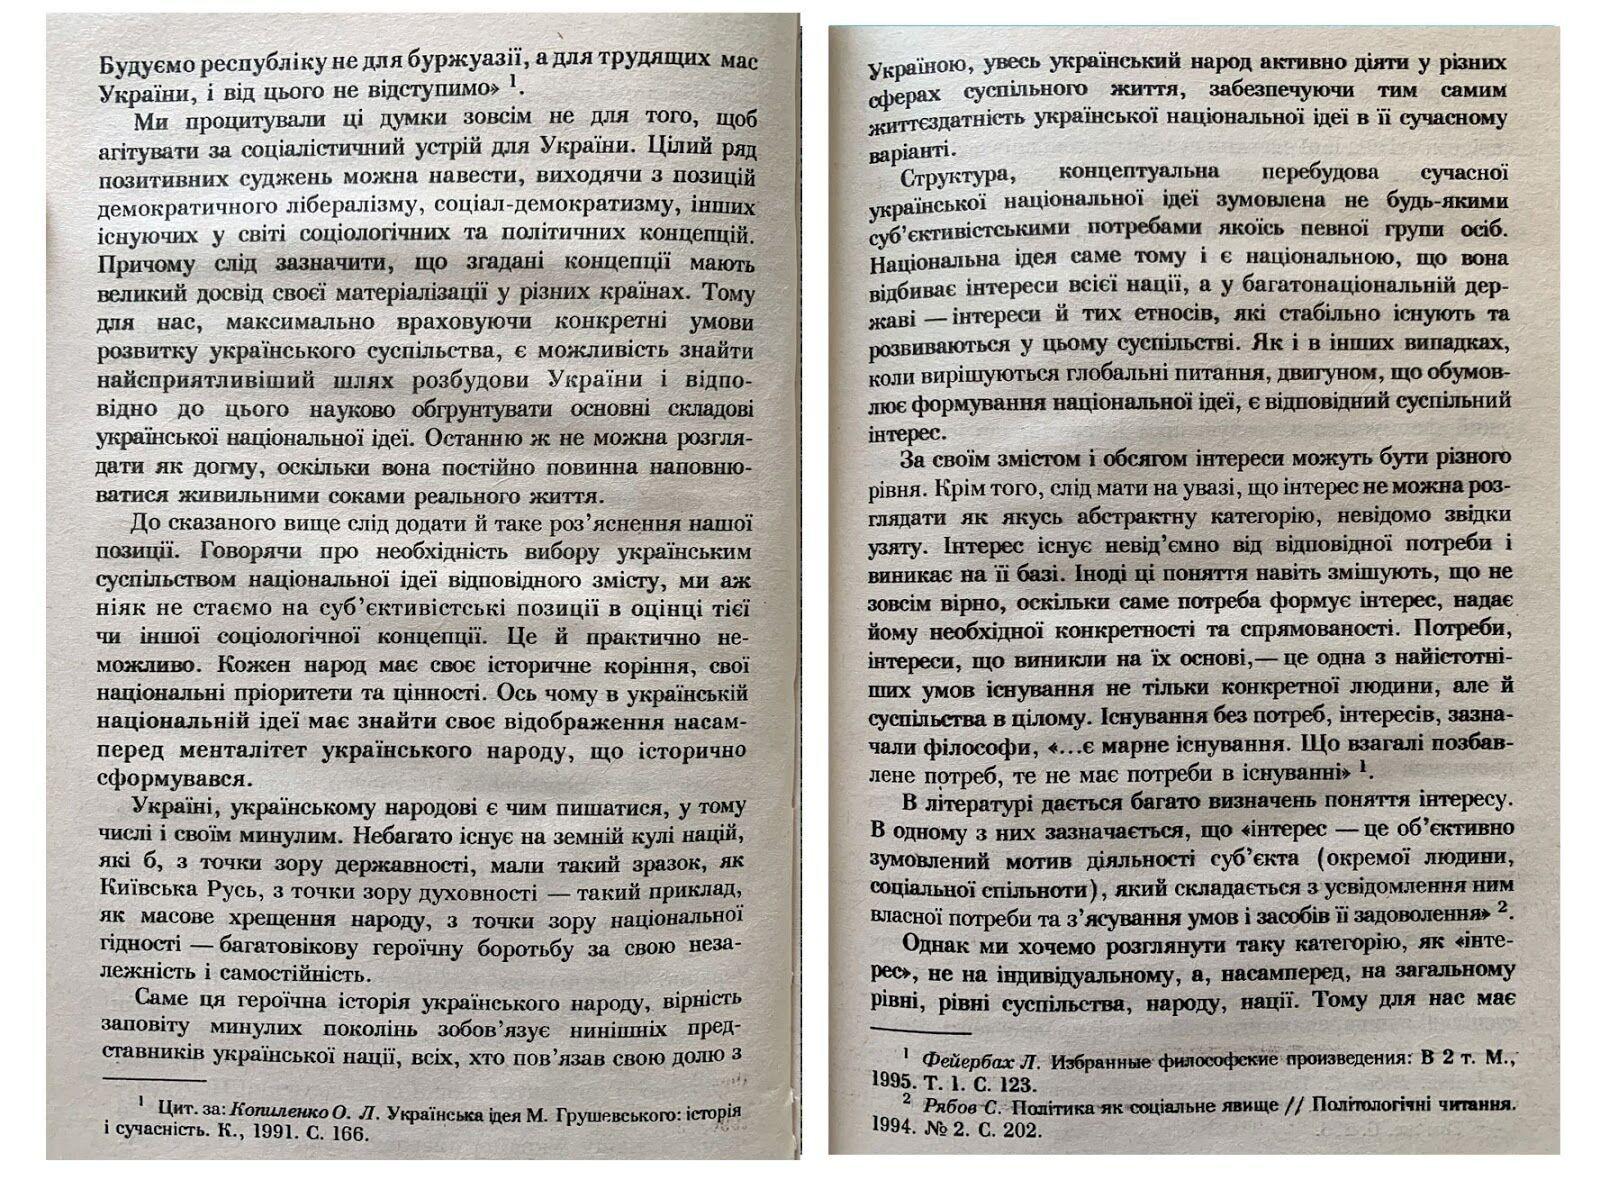 Работа Медведчука, 1997 год